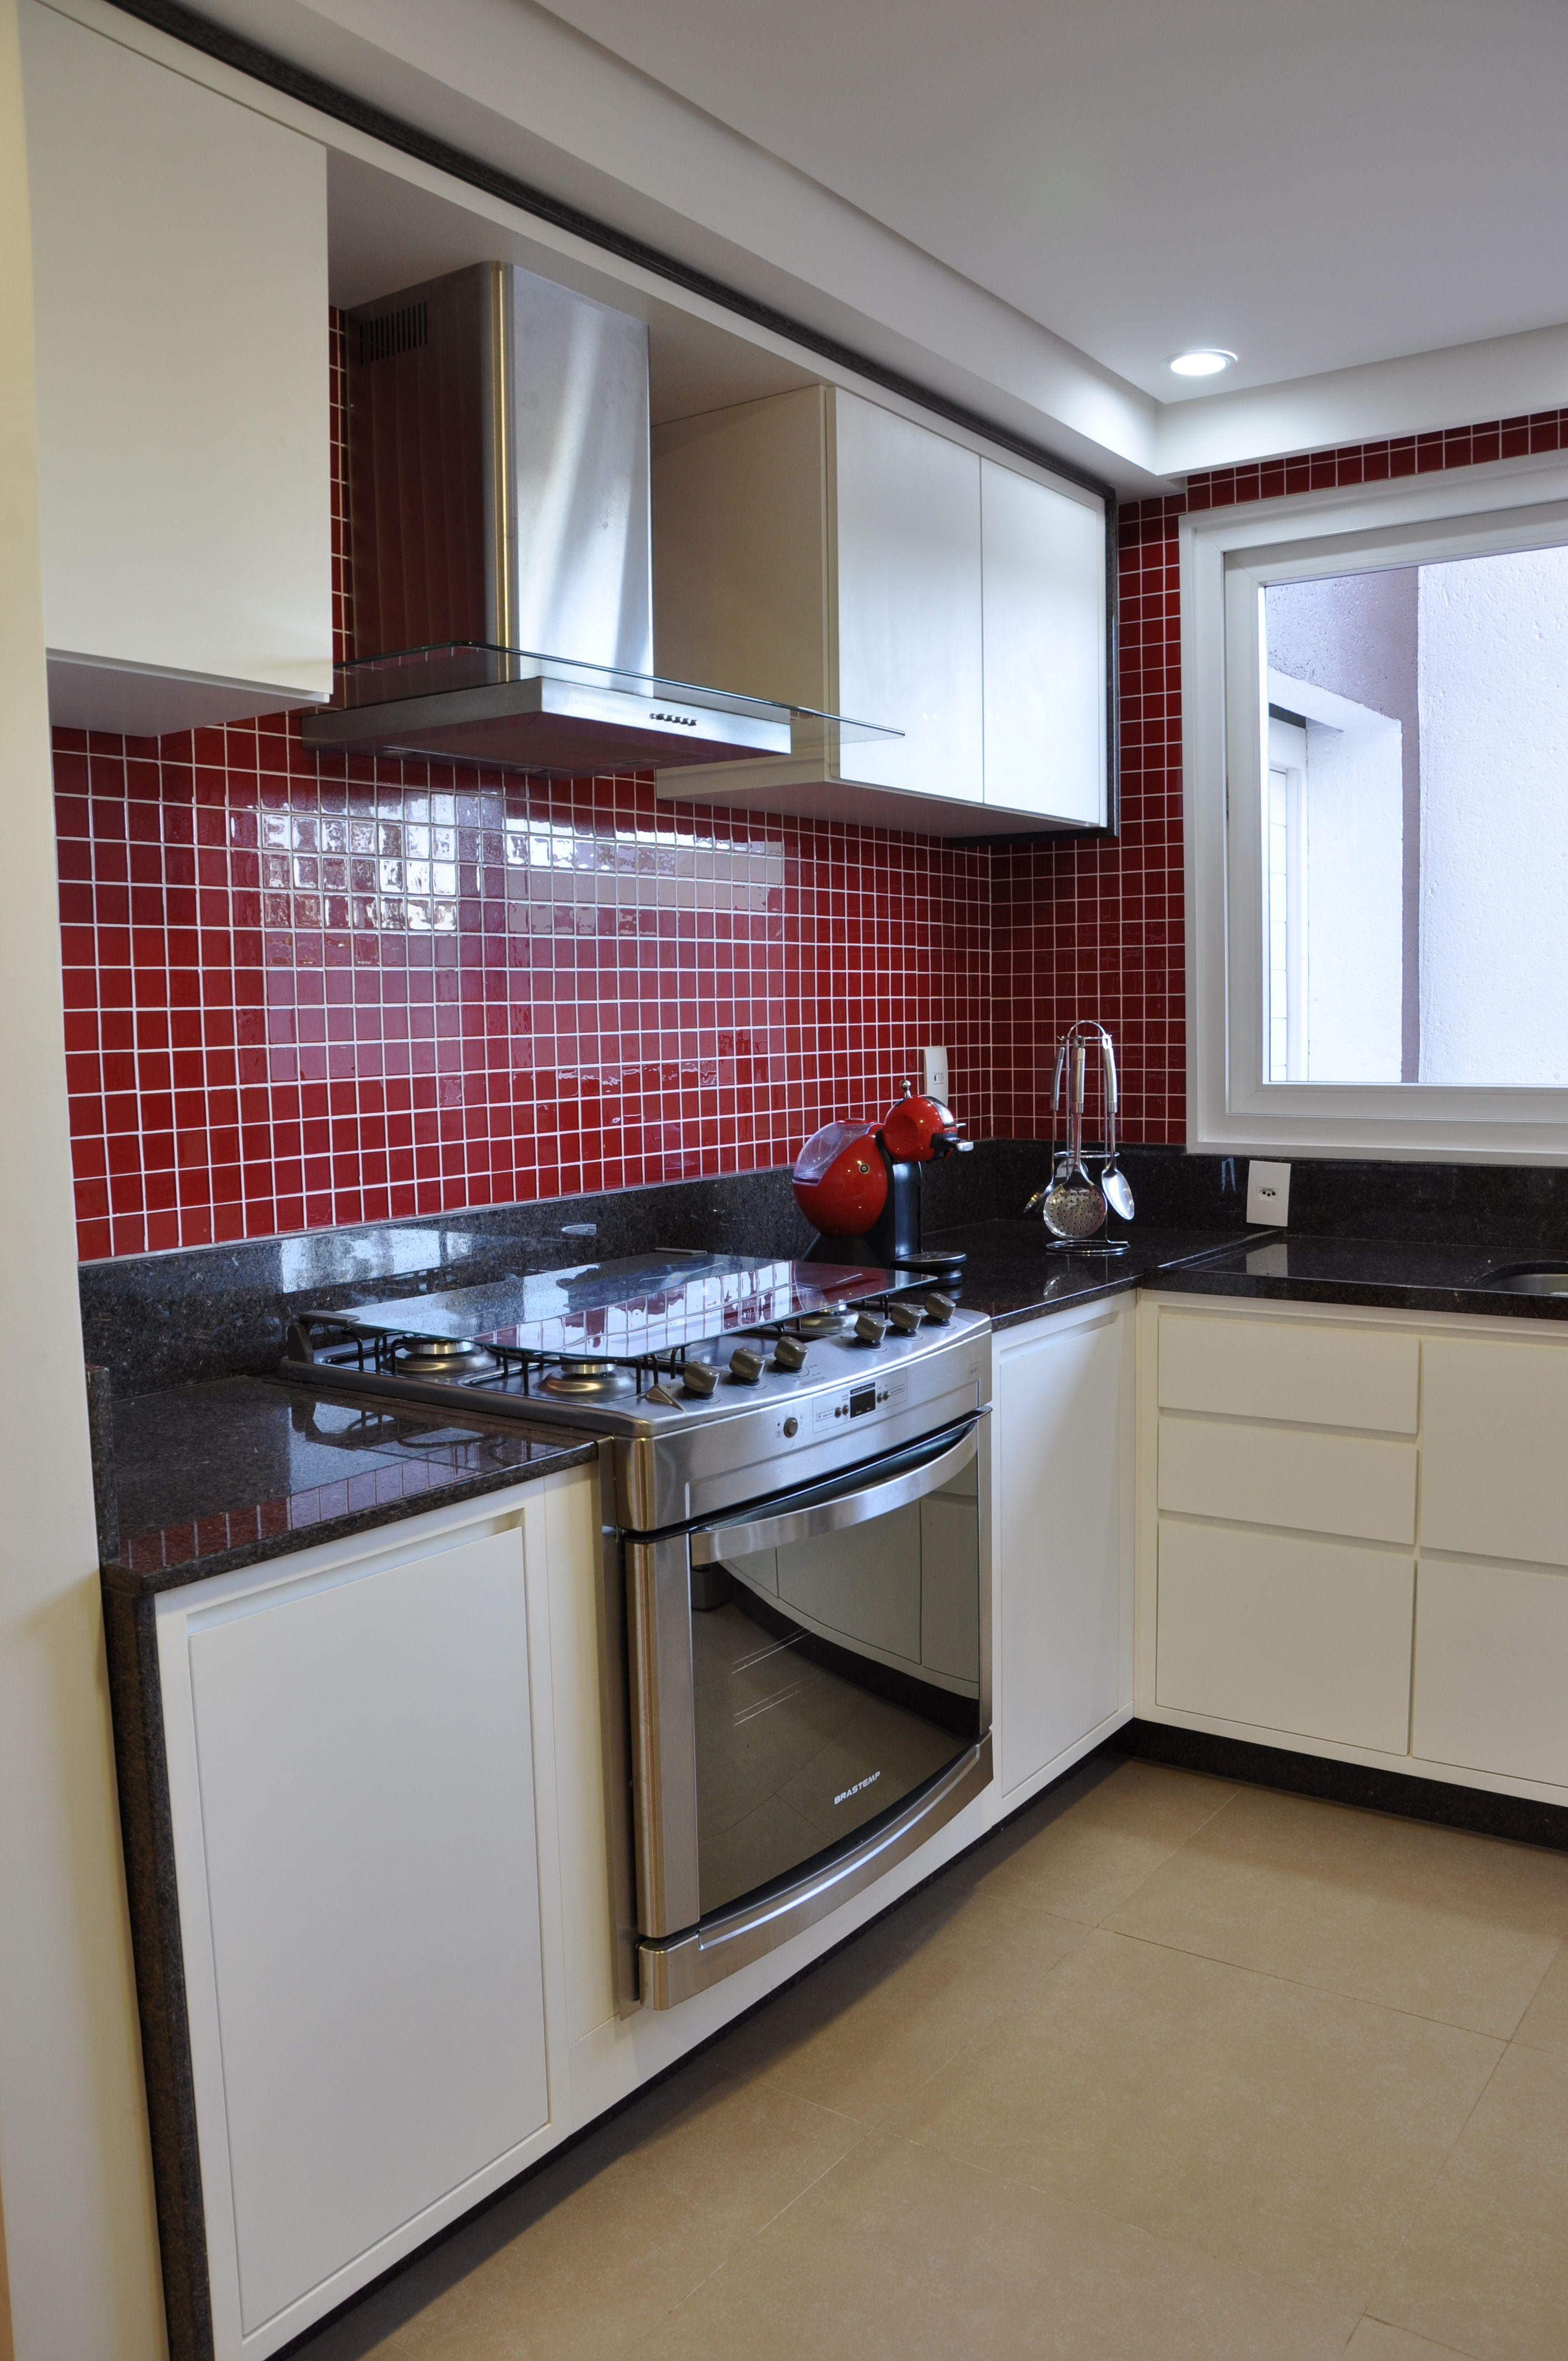 Cozinha Cozinha Pinterest Cozinha Pastilha Vermelha E Cozinha